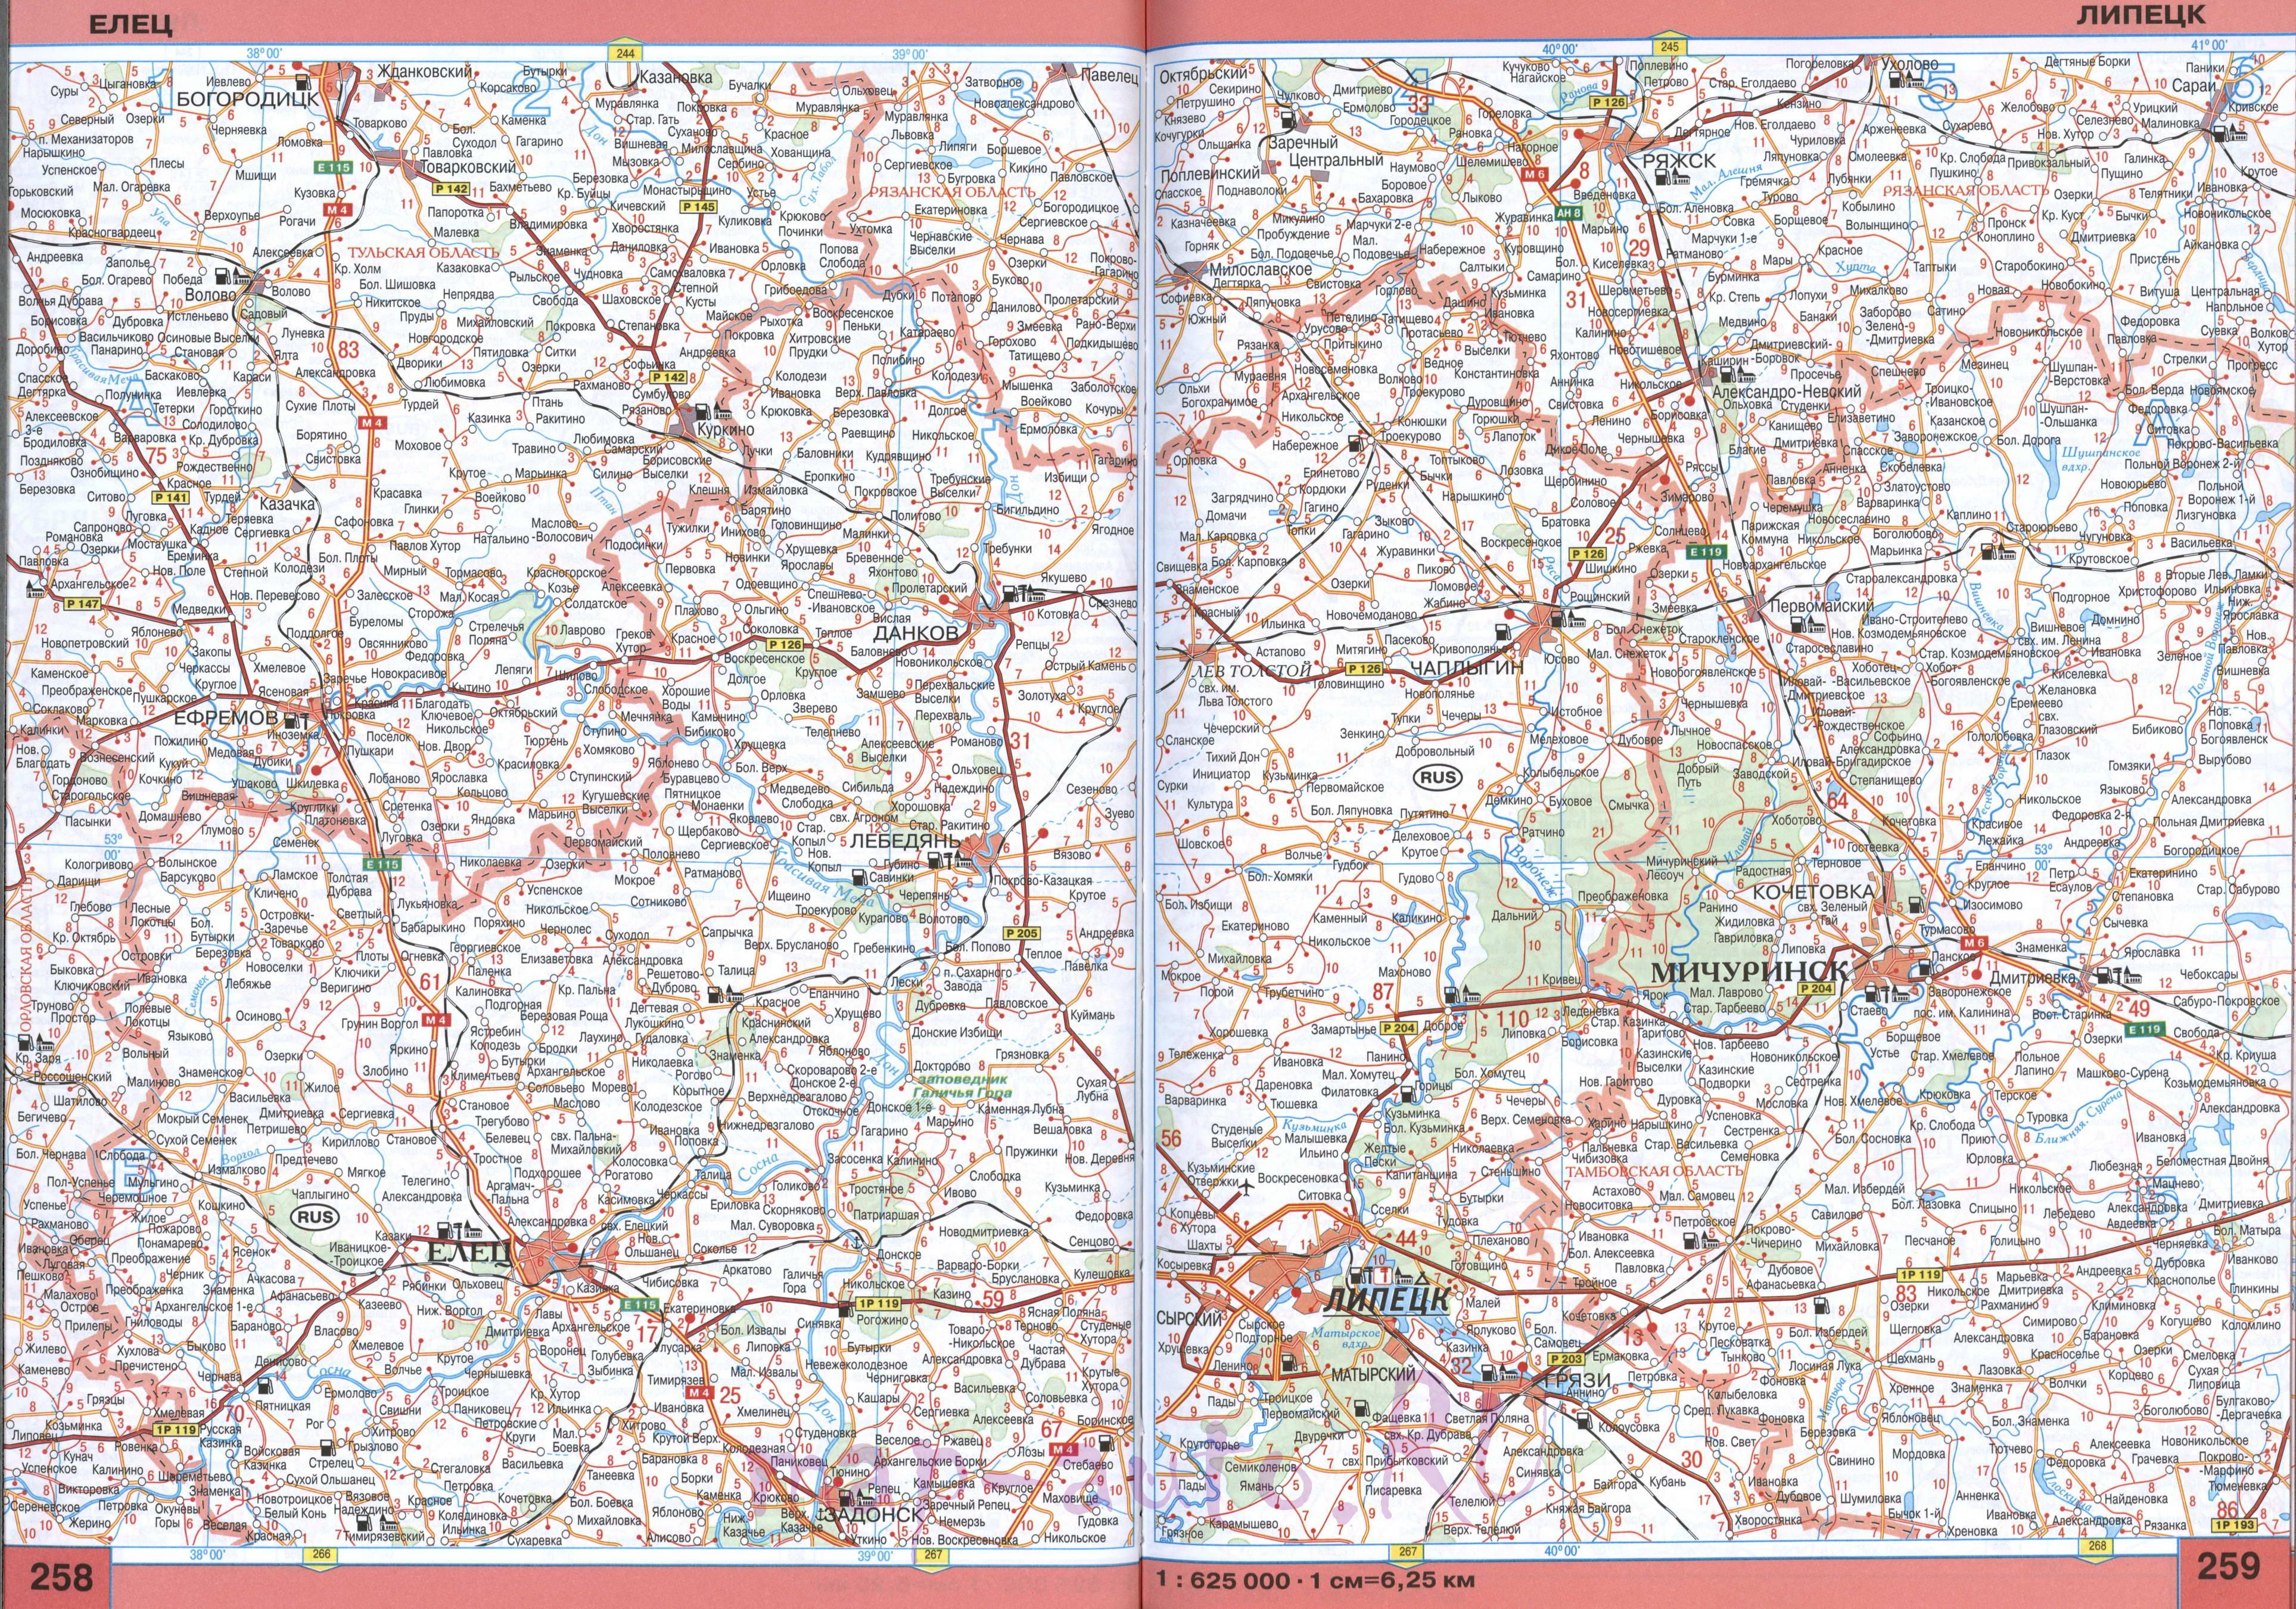 карта дорог липецкой области: